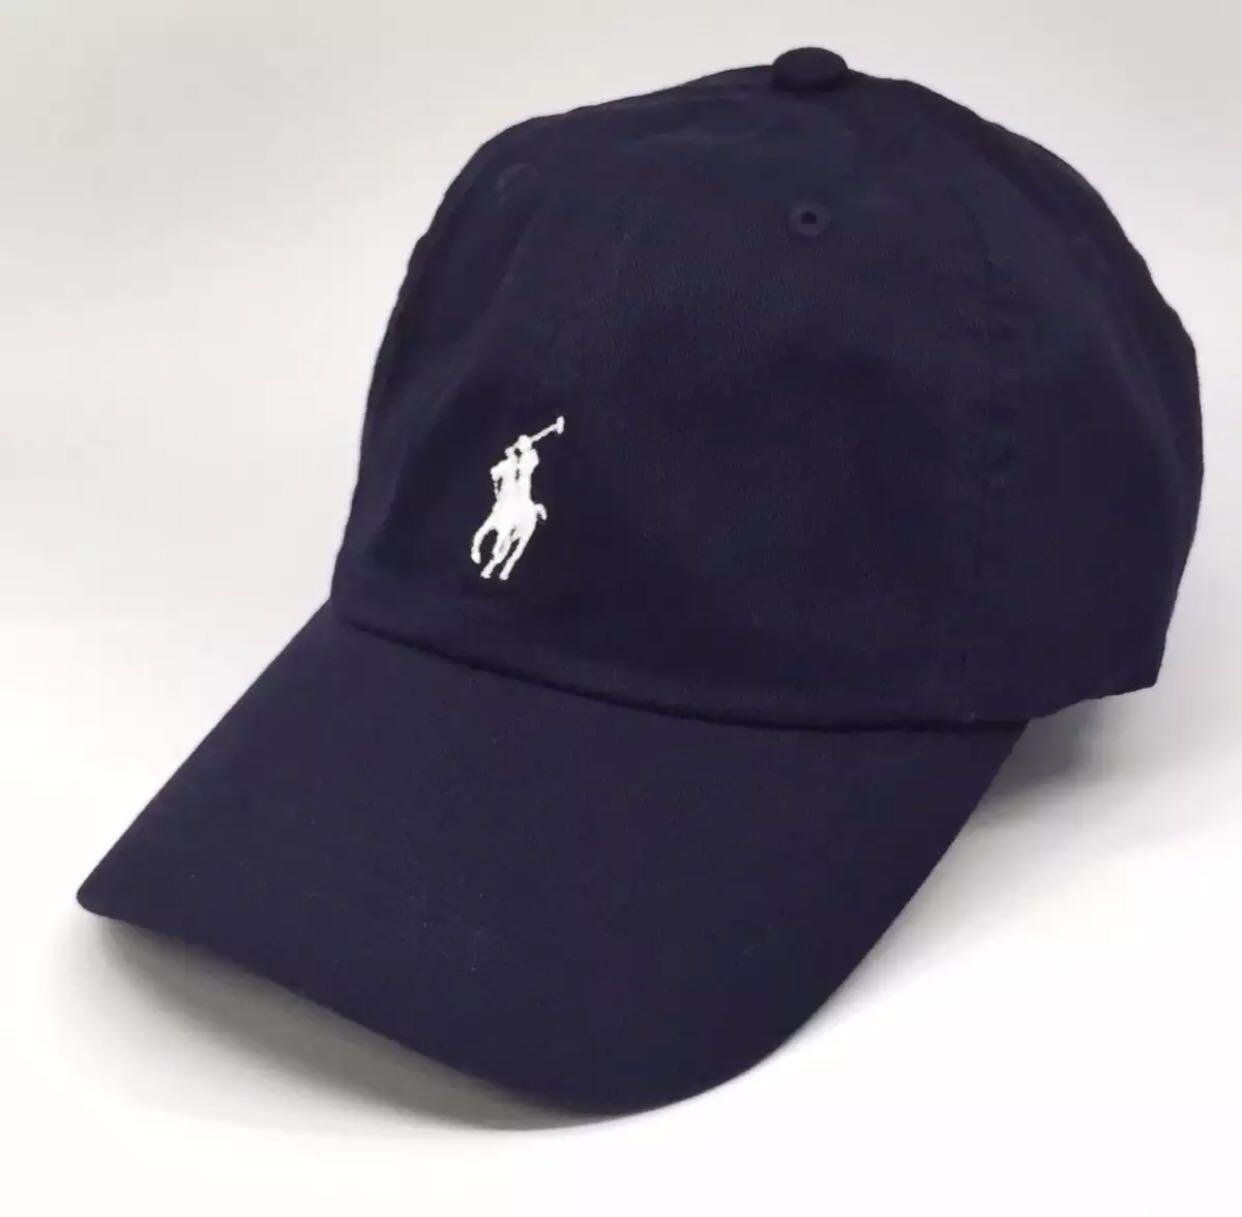 ecb1d0ac Ralph Lauren Baseball Cap Navy Blue, Everything Else on Carousell